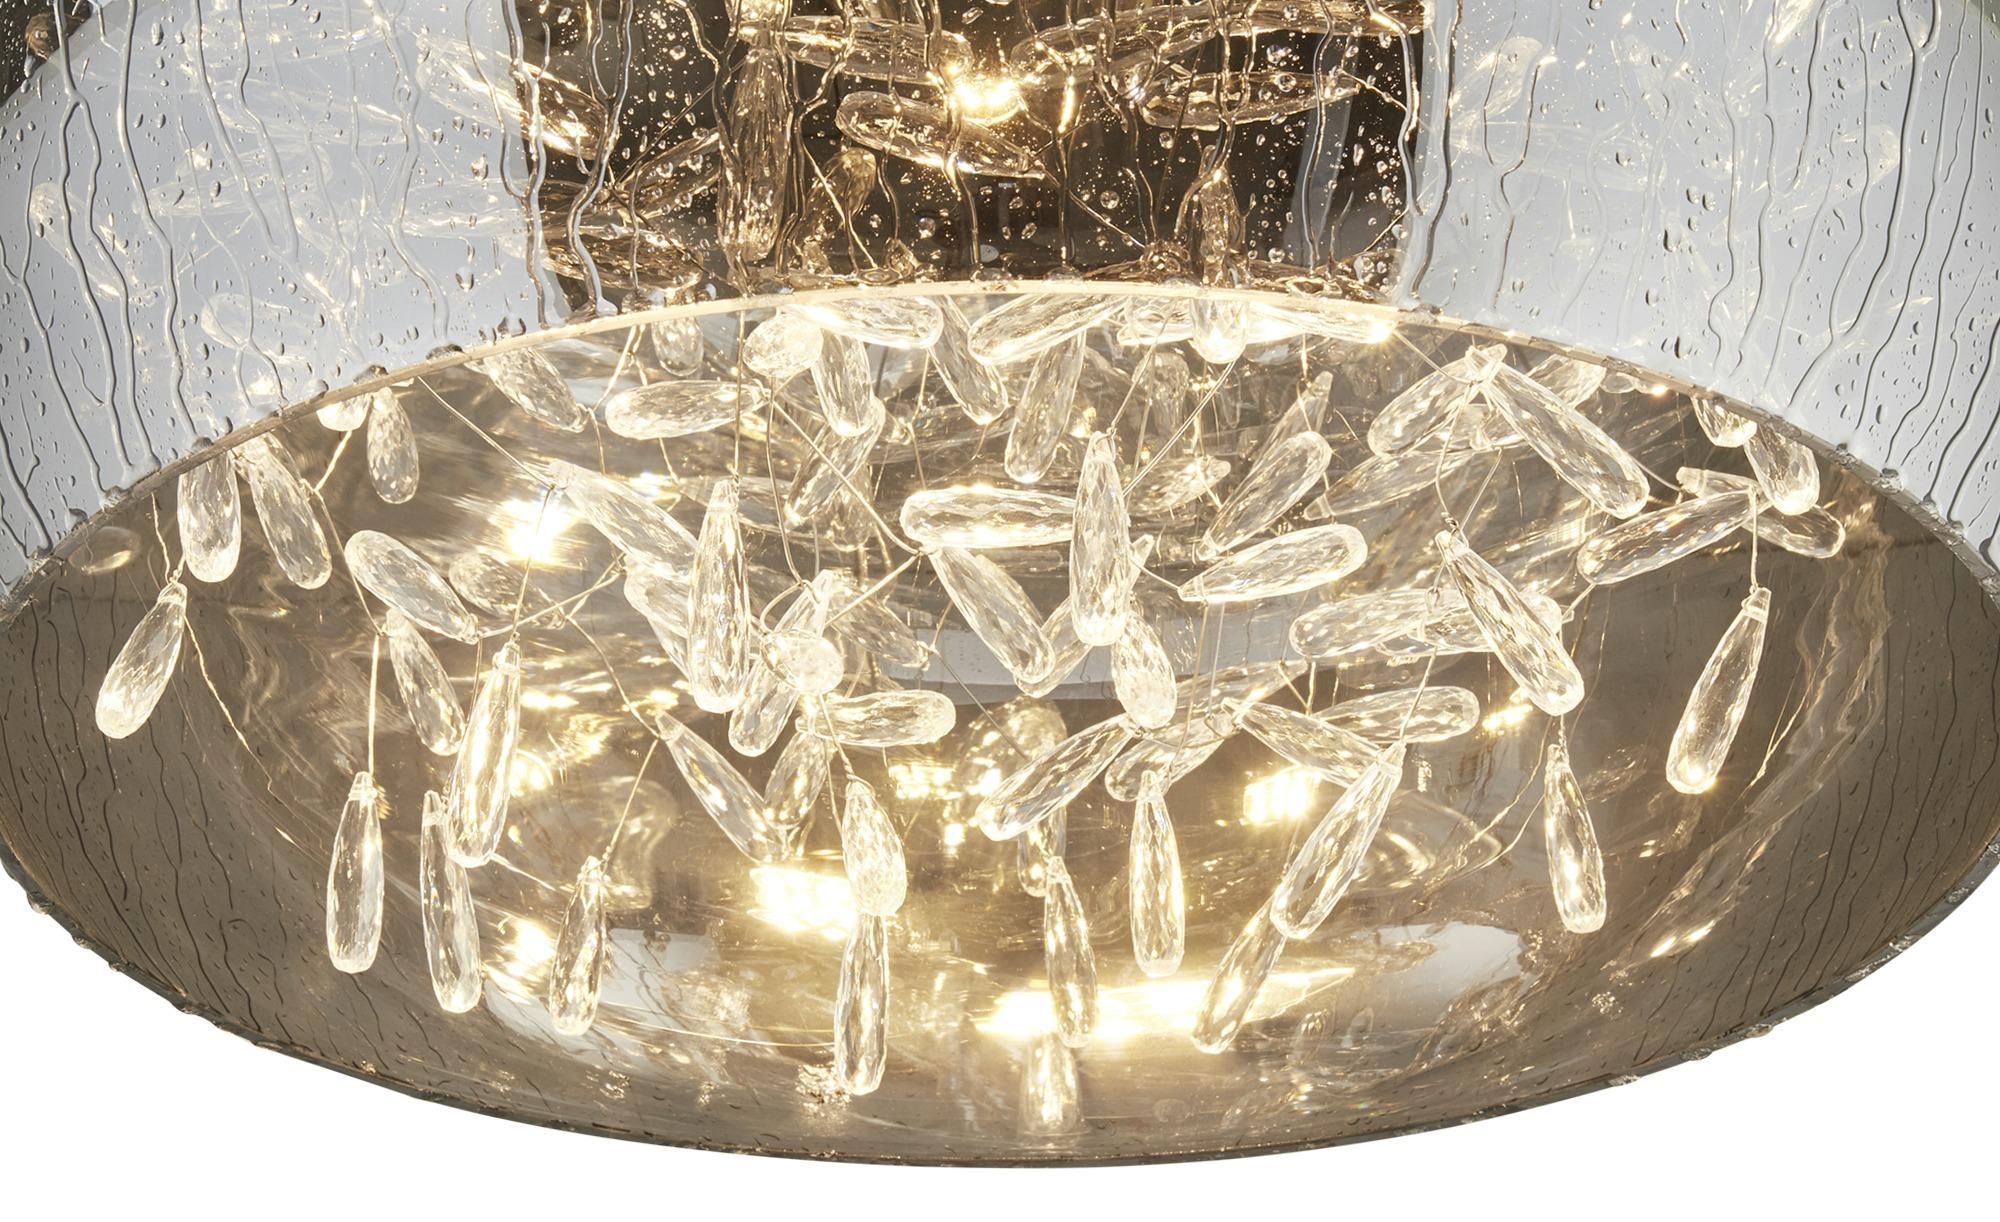 HOME STORY LED-Deckenleuchte, Rauchglas mit Acryltropfen ¦ silber ¦ Maße (cm): H: 31 Ø: [39.5] Lampen & Leuchten > Innenleuchten > Deckenleuchten - Höffner